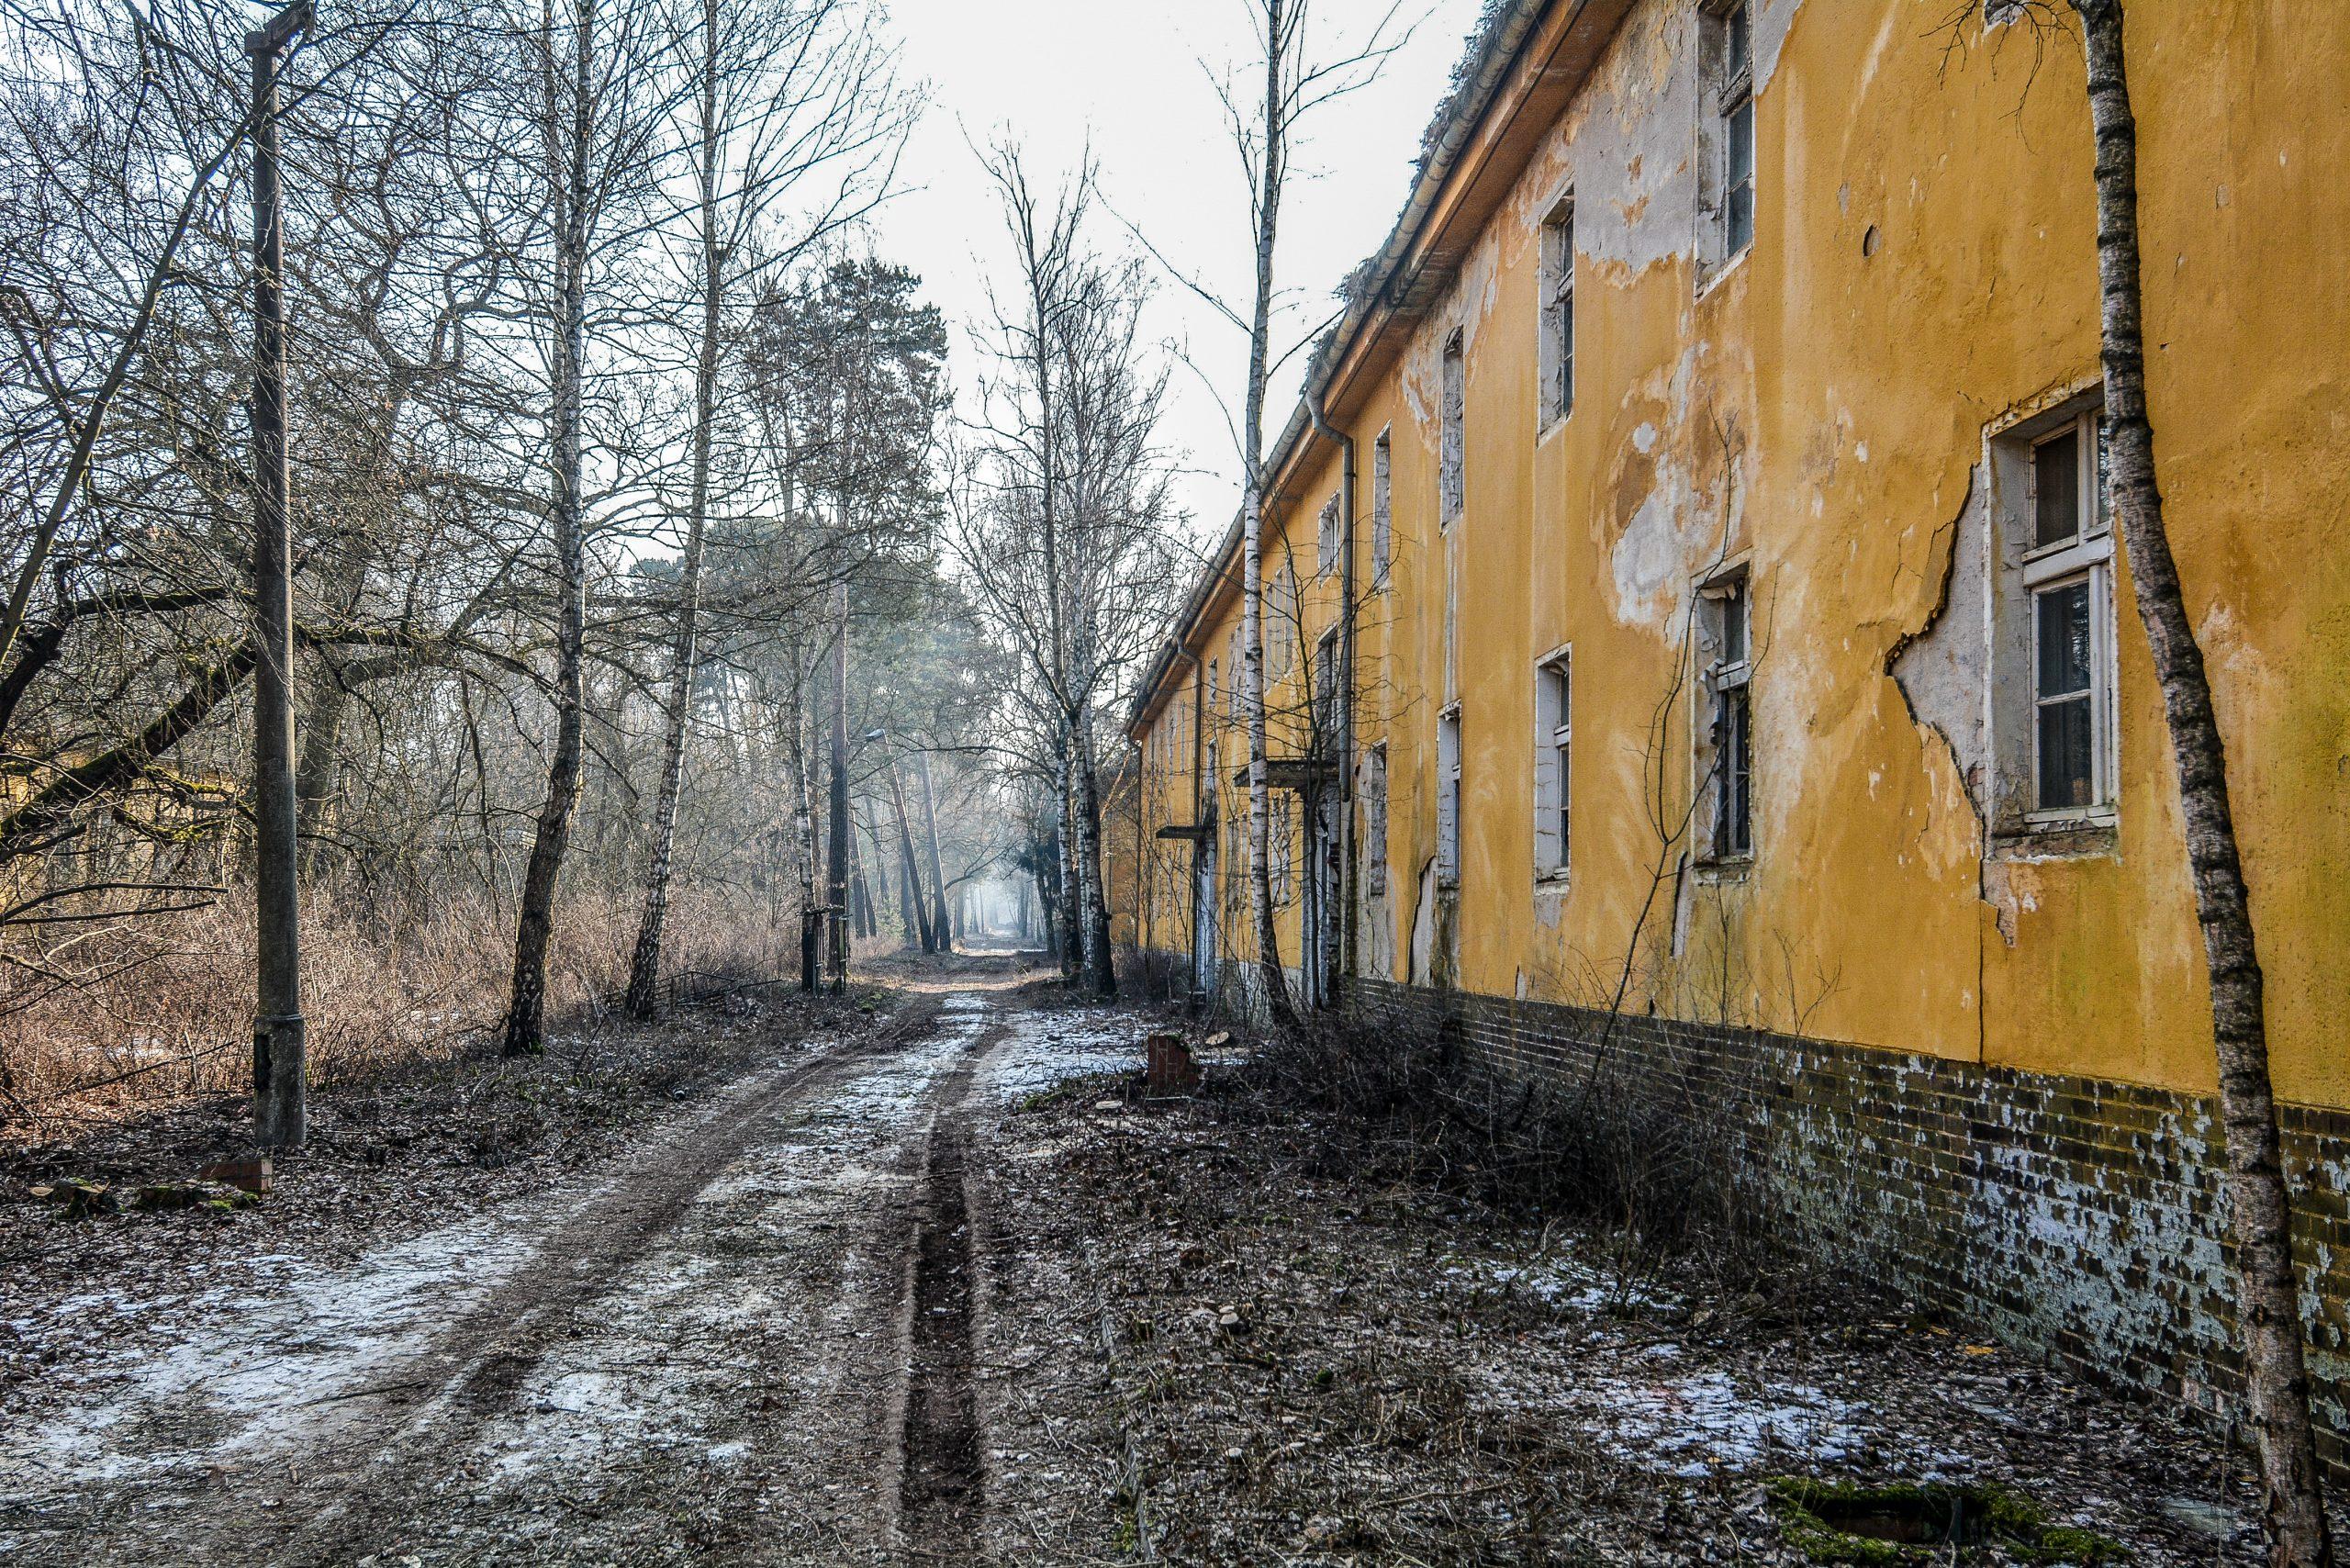 dirt road barracks building forst zinna adolf hitler lager luckenwalde juterbog sowjet kaserne soviet military barracks germany lost places urbex abandoned